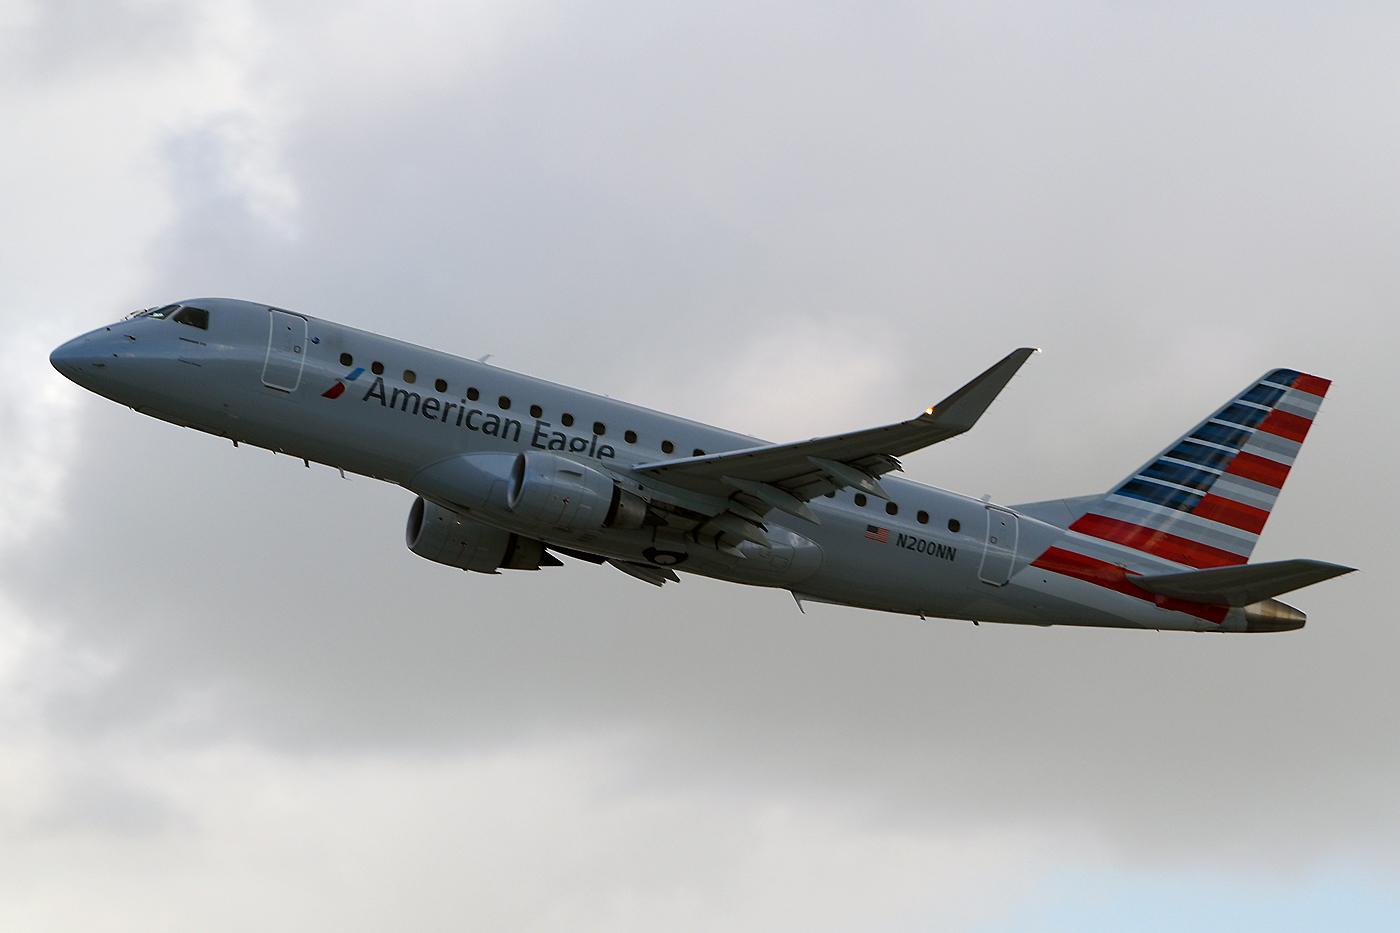 N200NN, American Eagle, Embraer 175